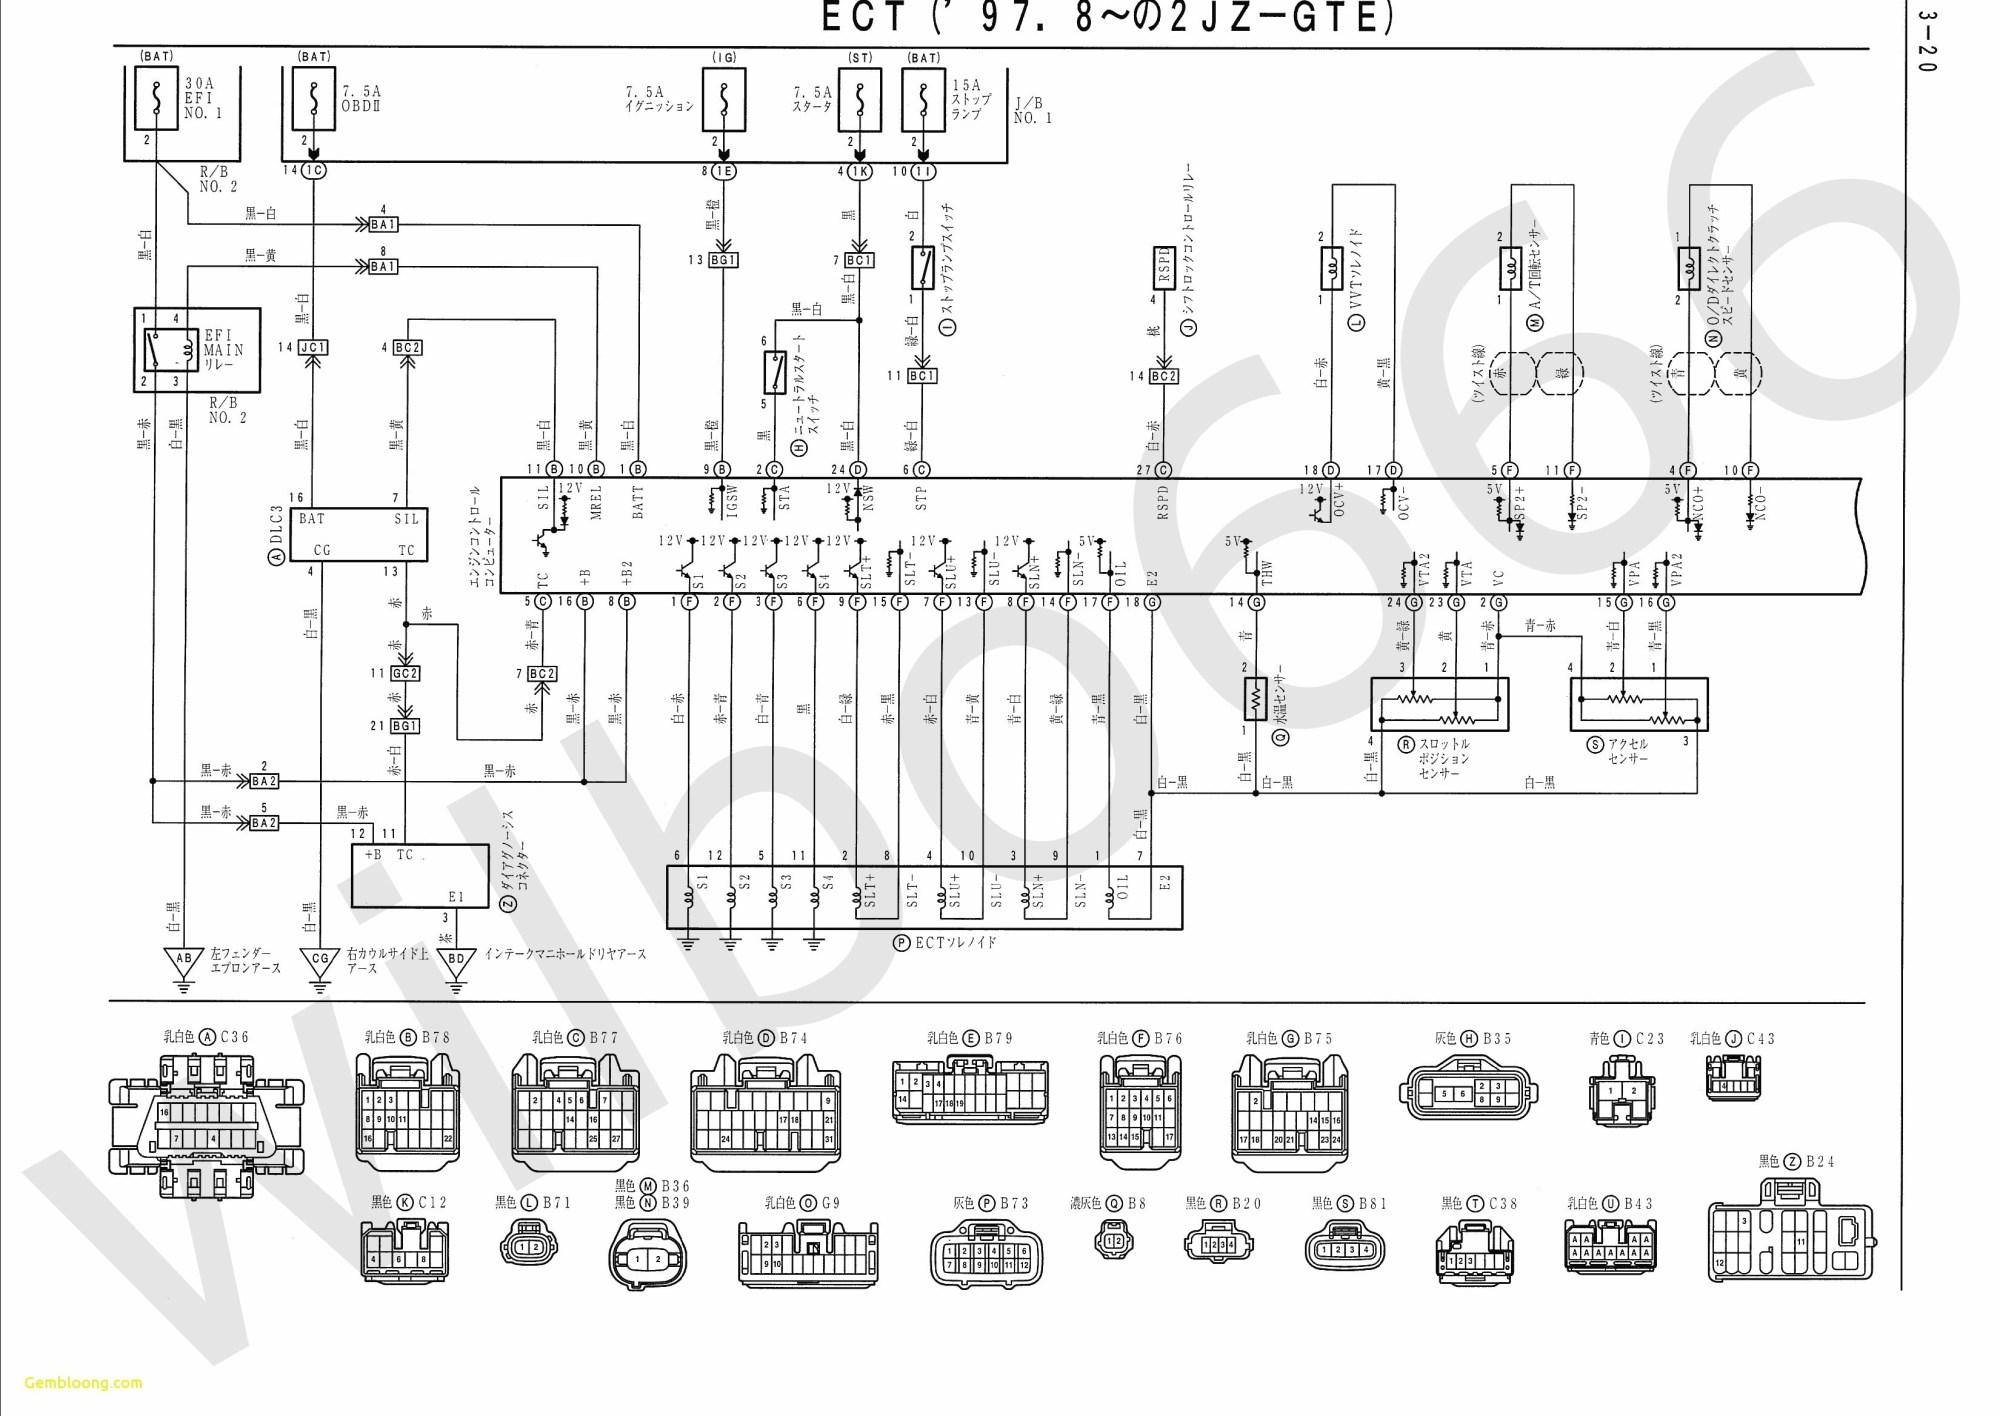 hight resolution of hotpoint dryer wiring diagram ge dryer start switch wiring diagram new attractive hotpoint dryer wiring